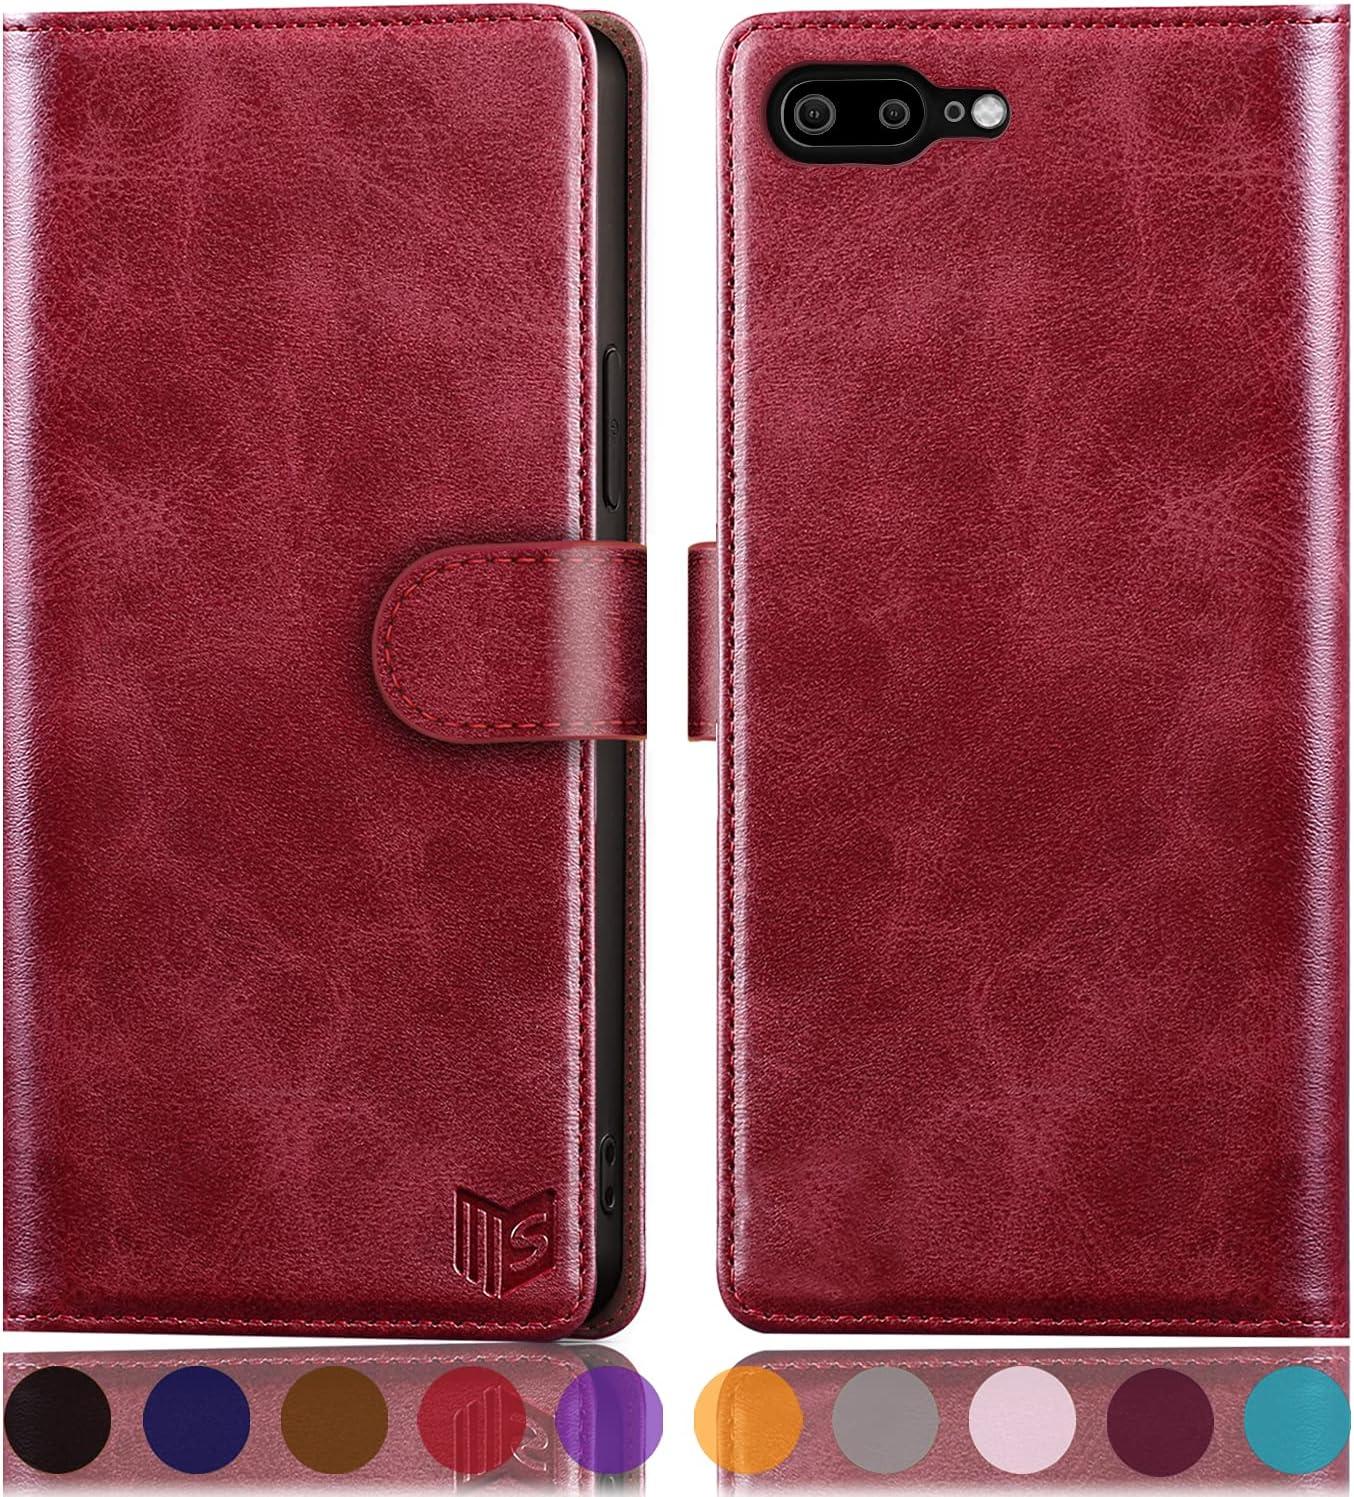 SUANPOT for iPhone 7 Plus/8 Plus 5.5